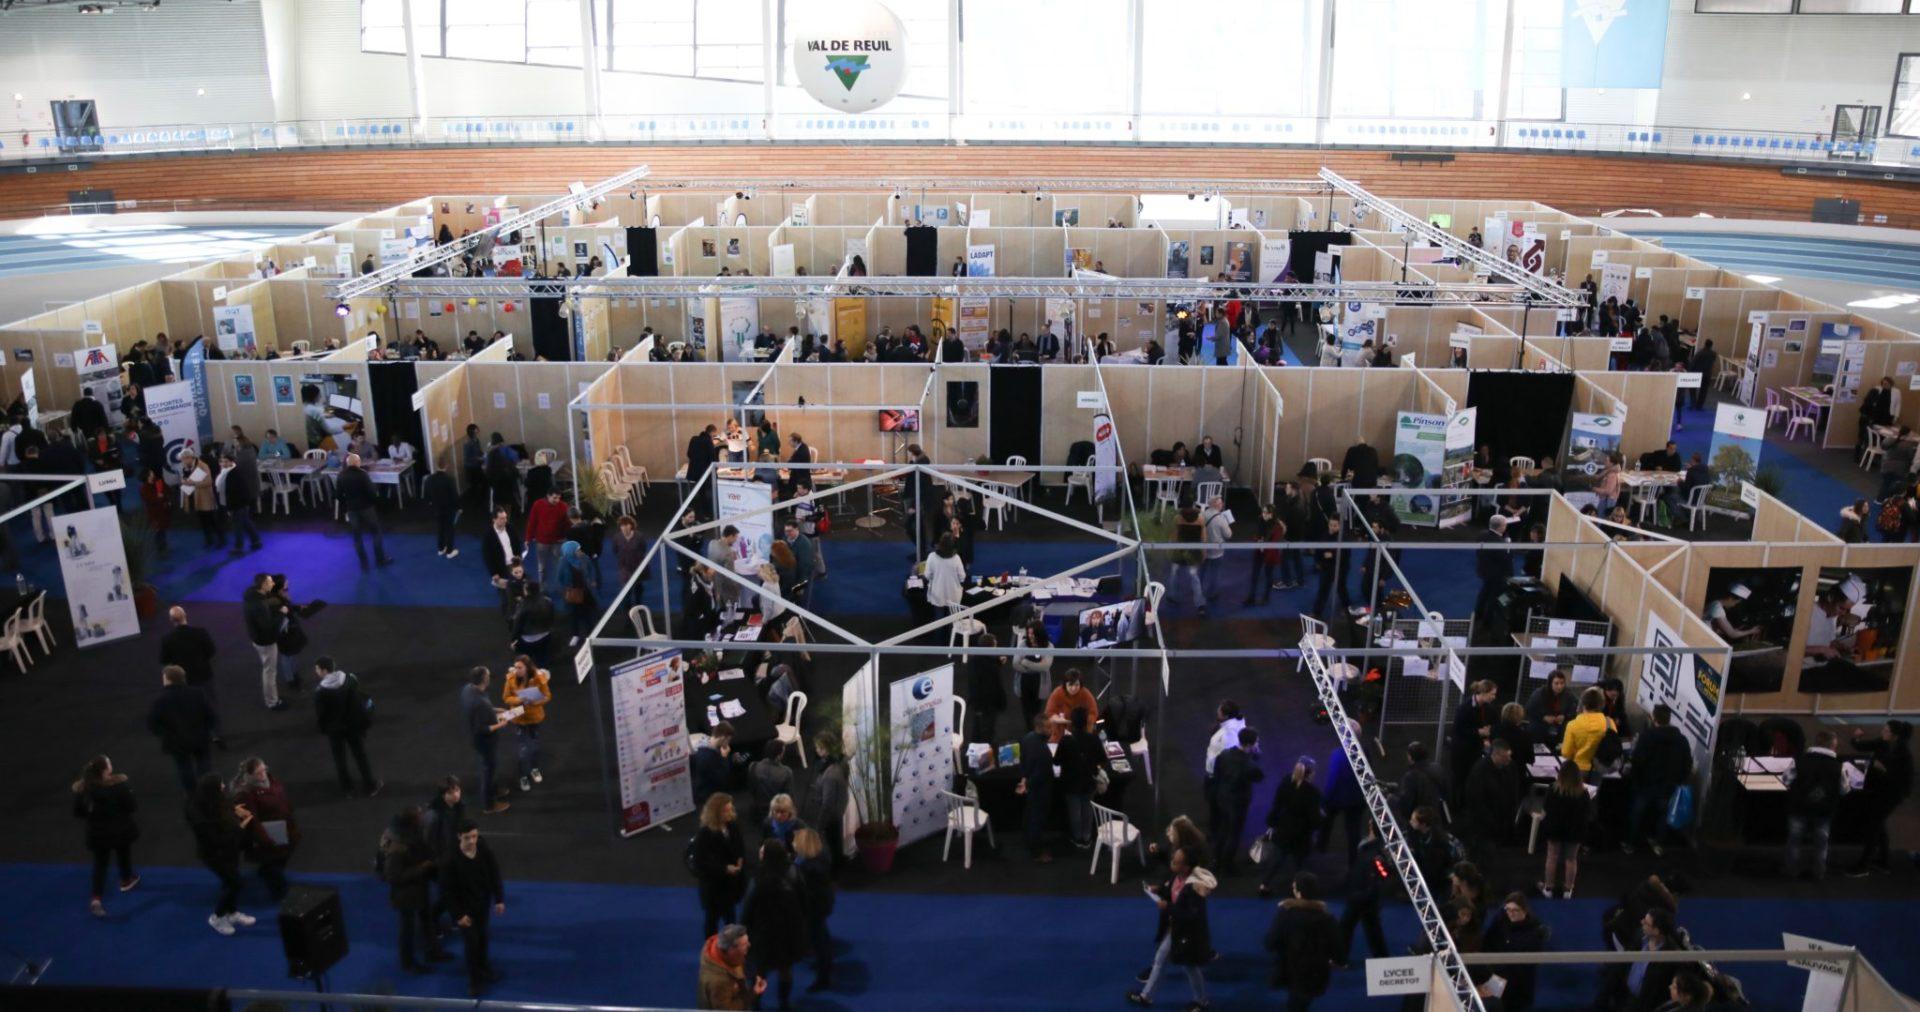 Forum des métiers : des centaines d'emplois déjà en ligne